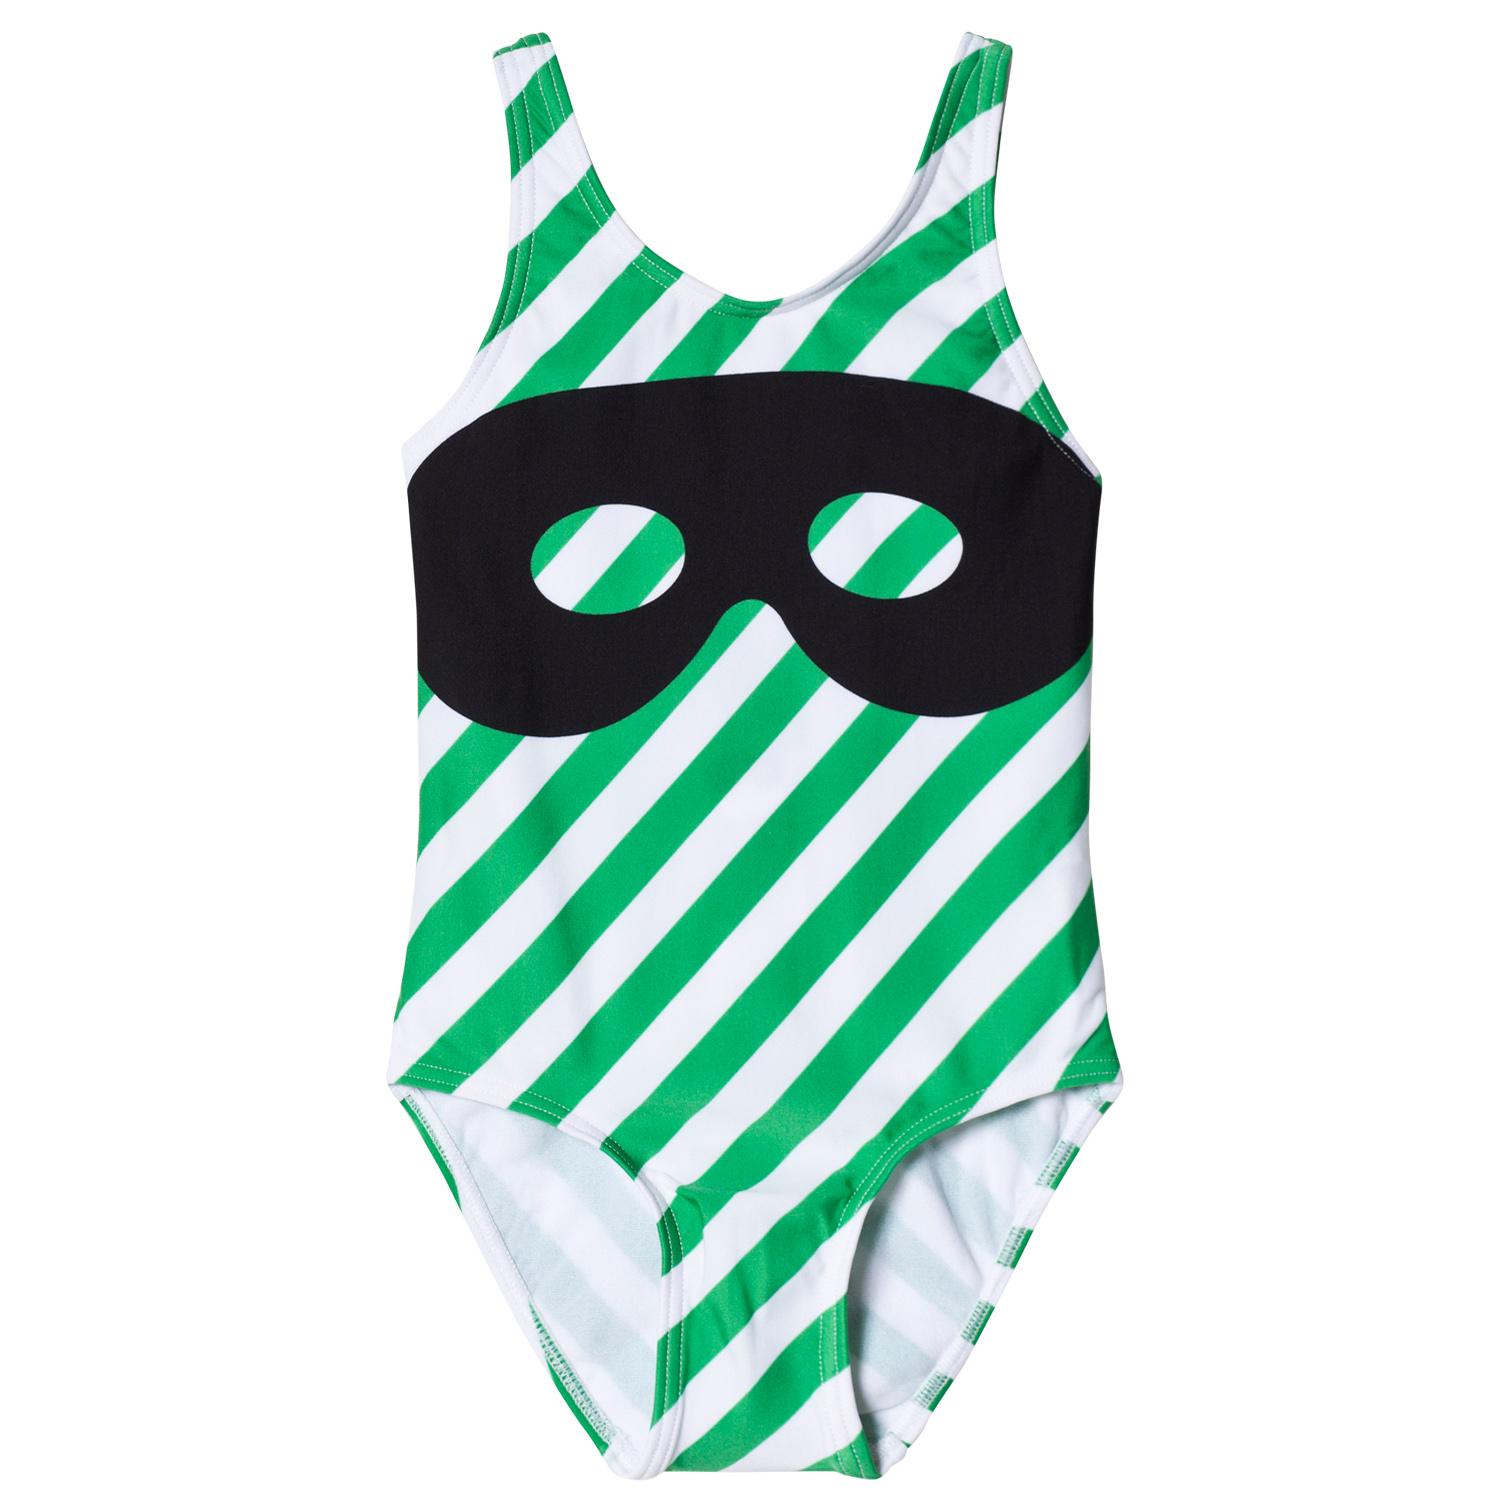 Beau Loves Green Stripe Swim Suit, £26.jpg